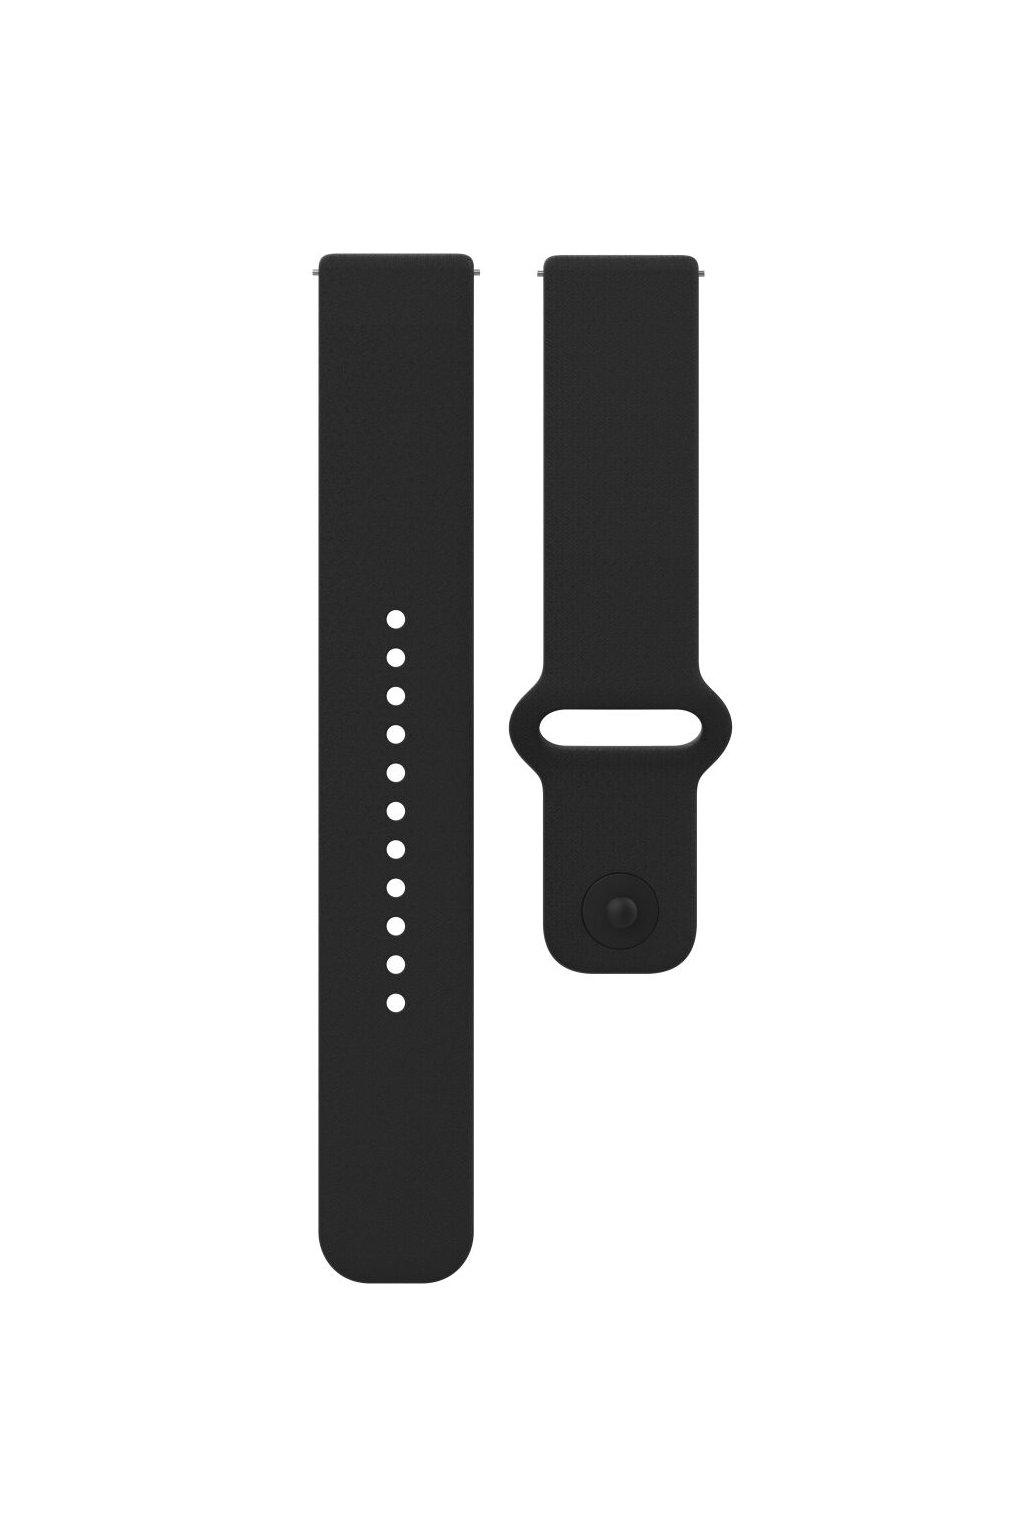 Polar Unite accessory silicone wristband black